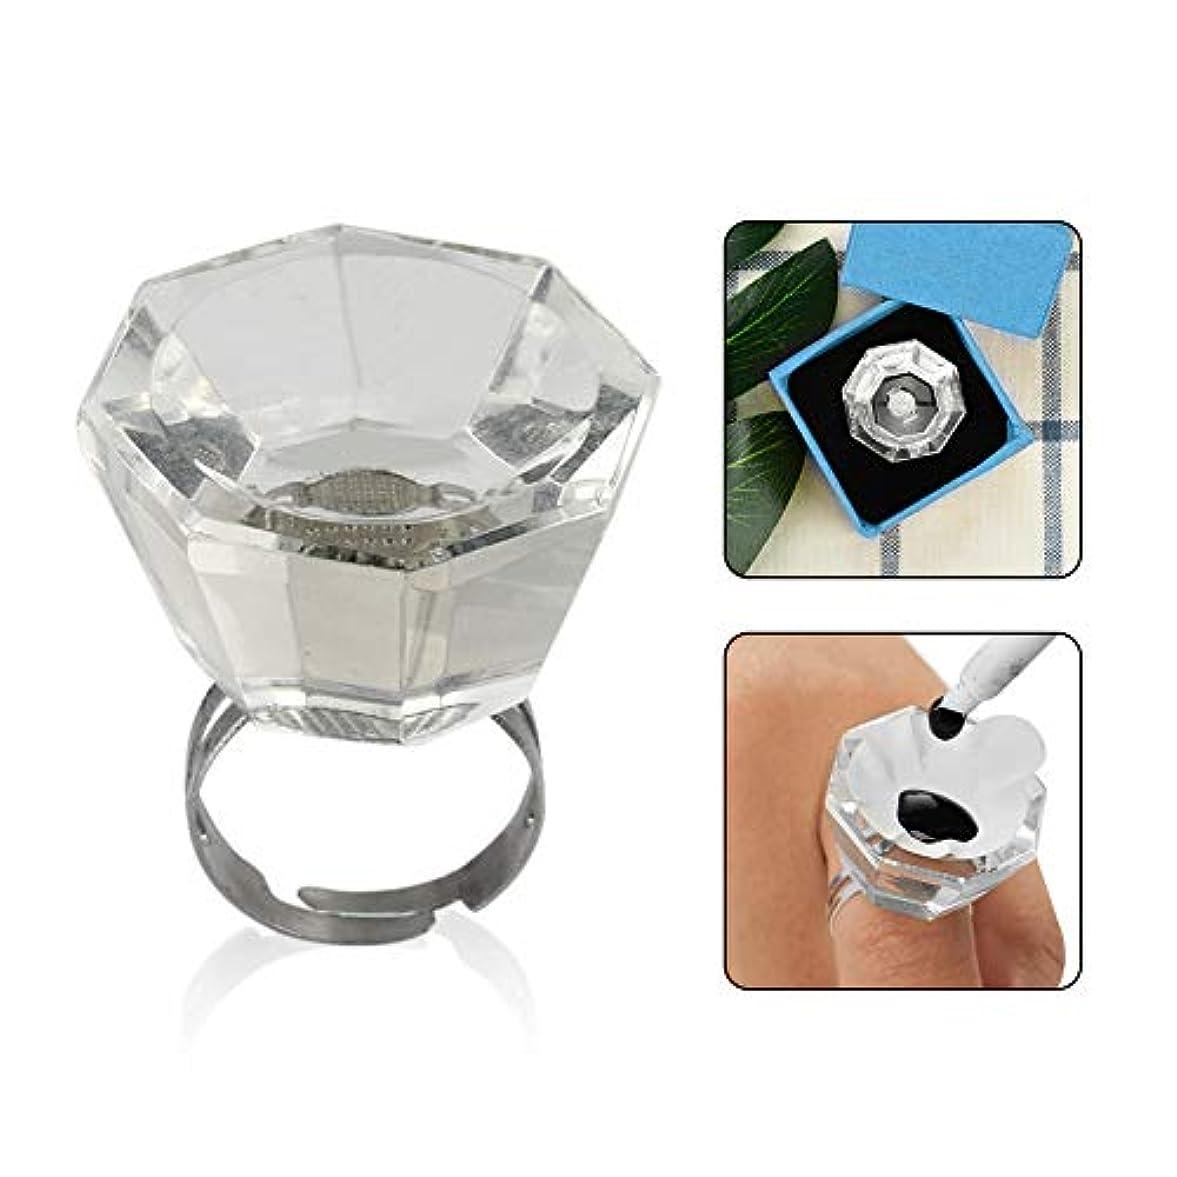 悪の鹿スラッシュMurakush 顔料カップ 指輪 移植まつげ ガラス リングカップ 調整可能